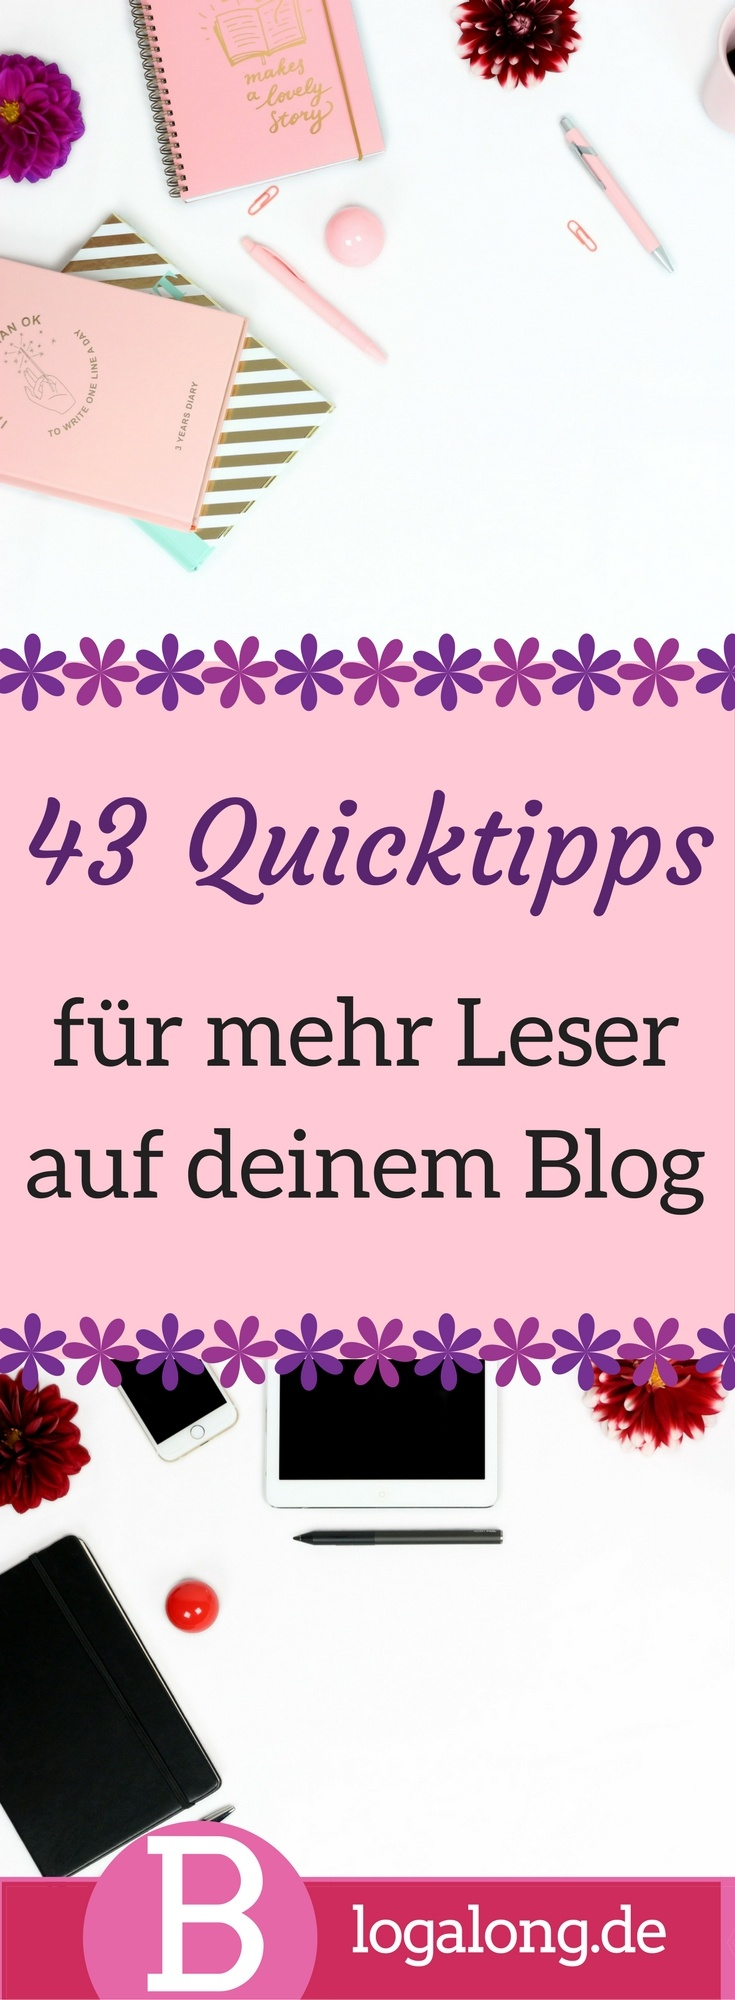 Tipps für mehr Leser auf deinem Blog